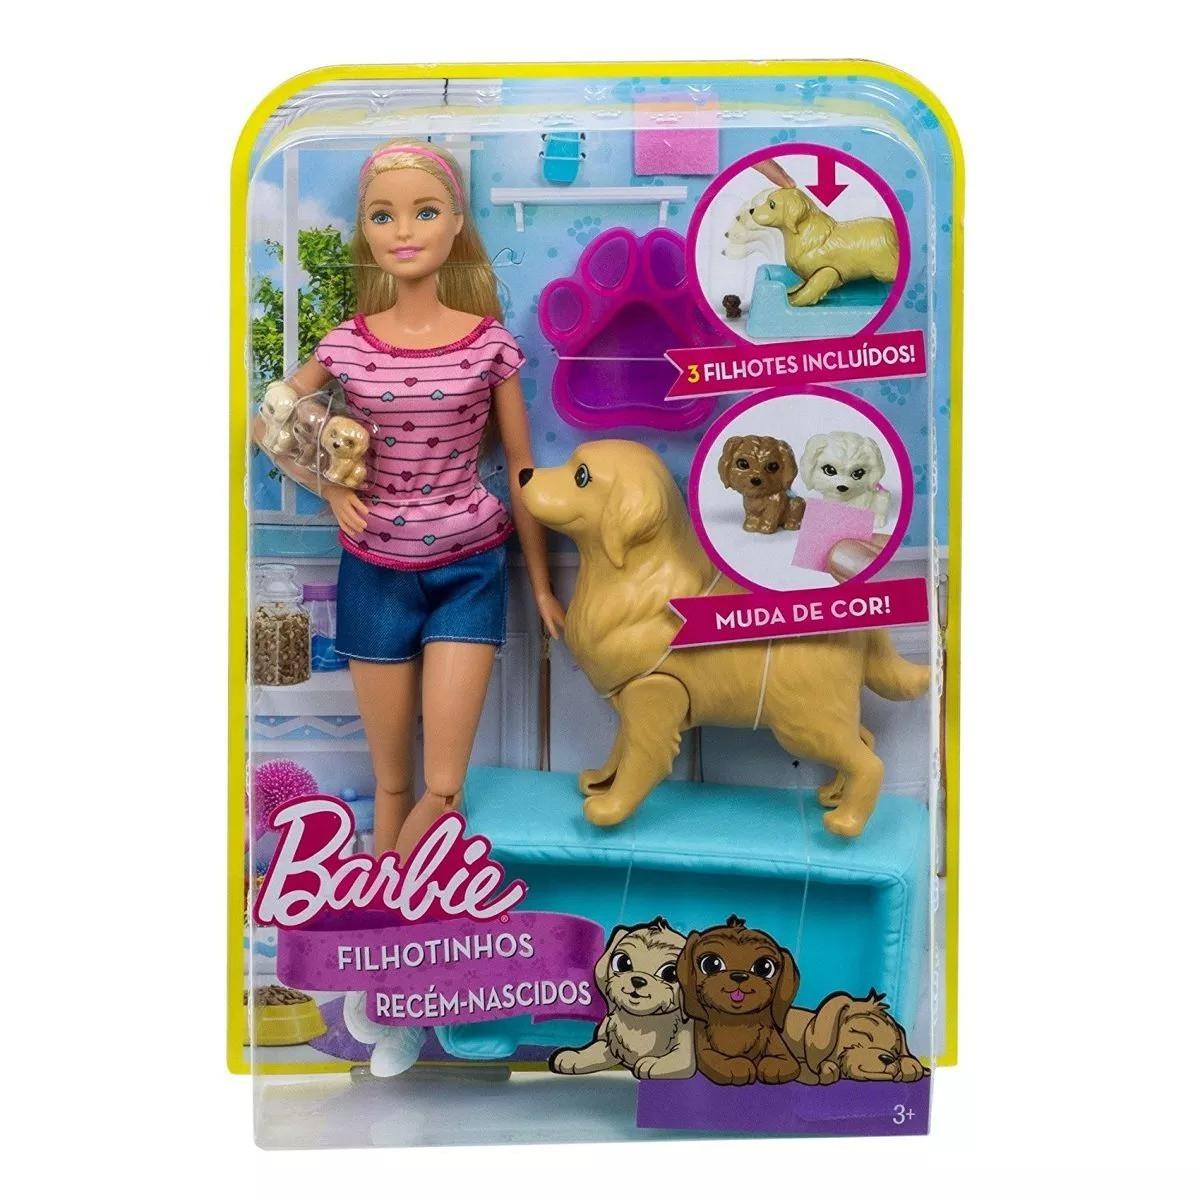 Boneca Barbie Filhotinhos Recém - Nascidos - Mattel